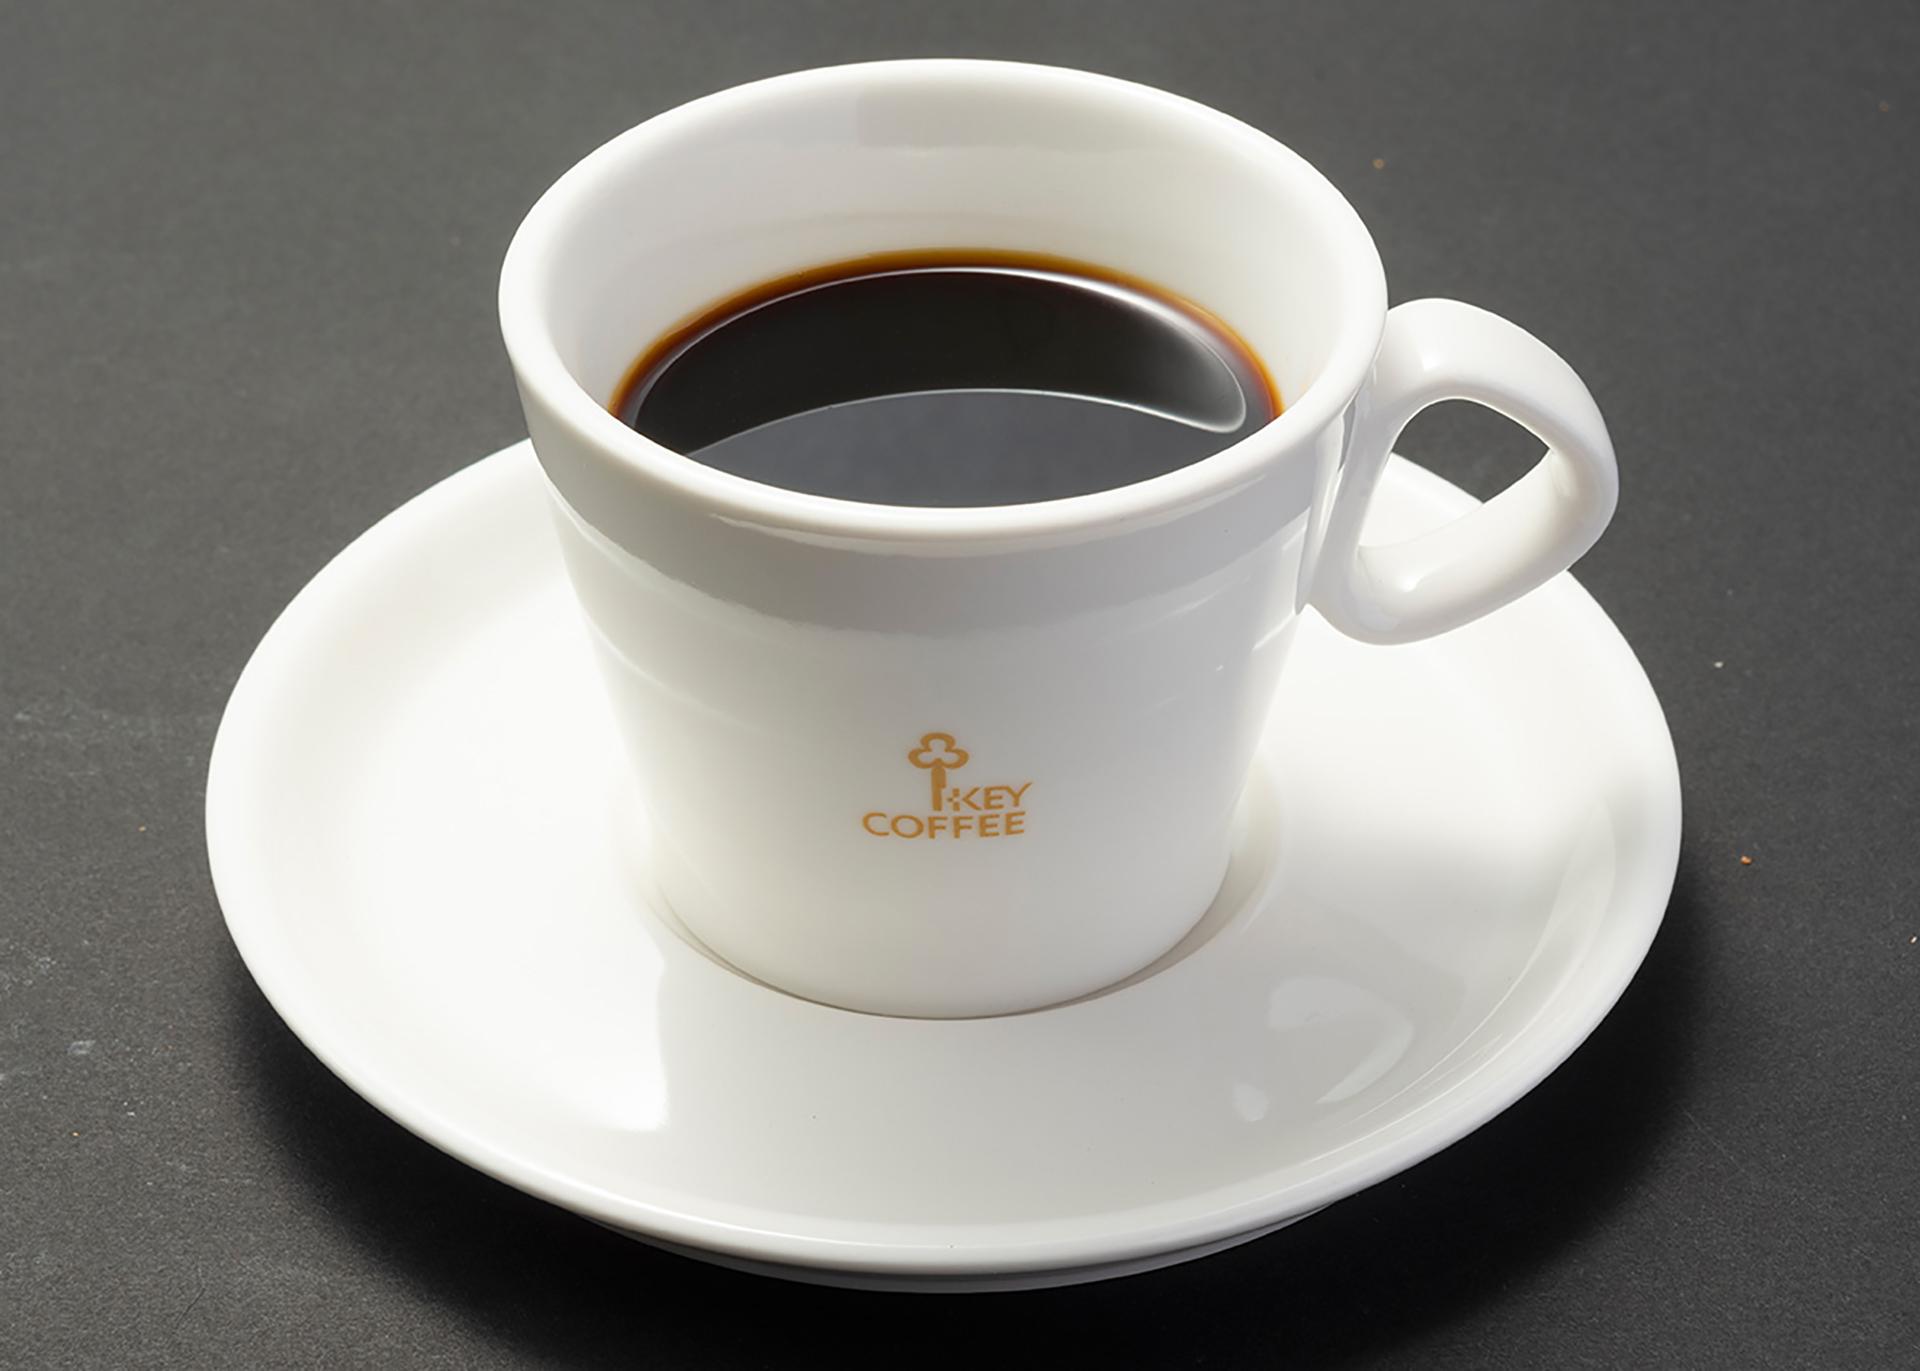 キーコーヒー直営ショップ 丸広百貨店 川越店